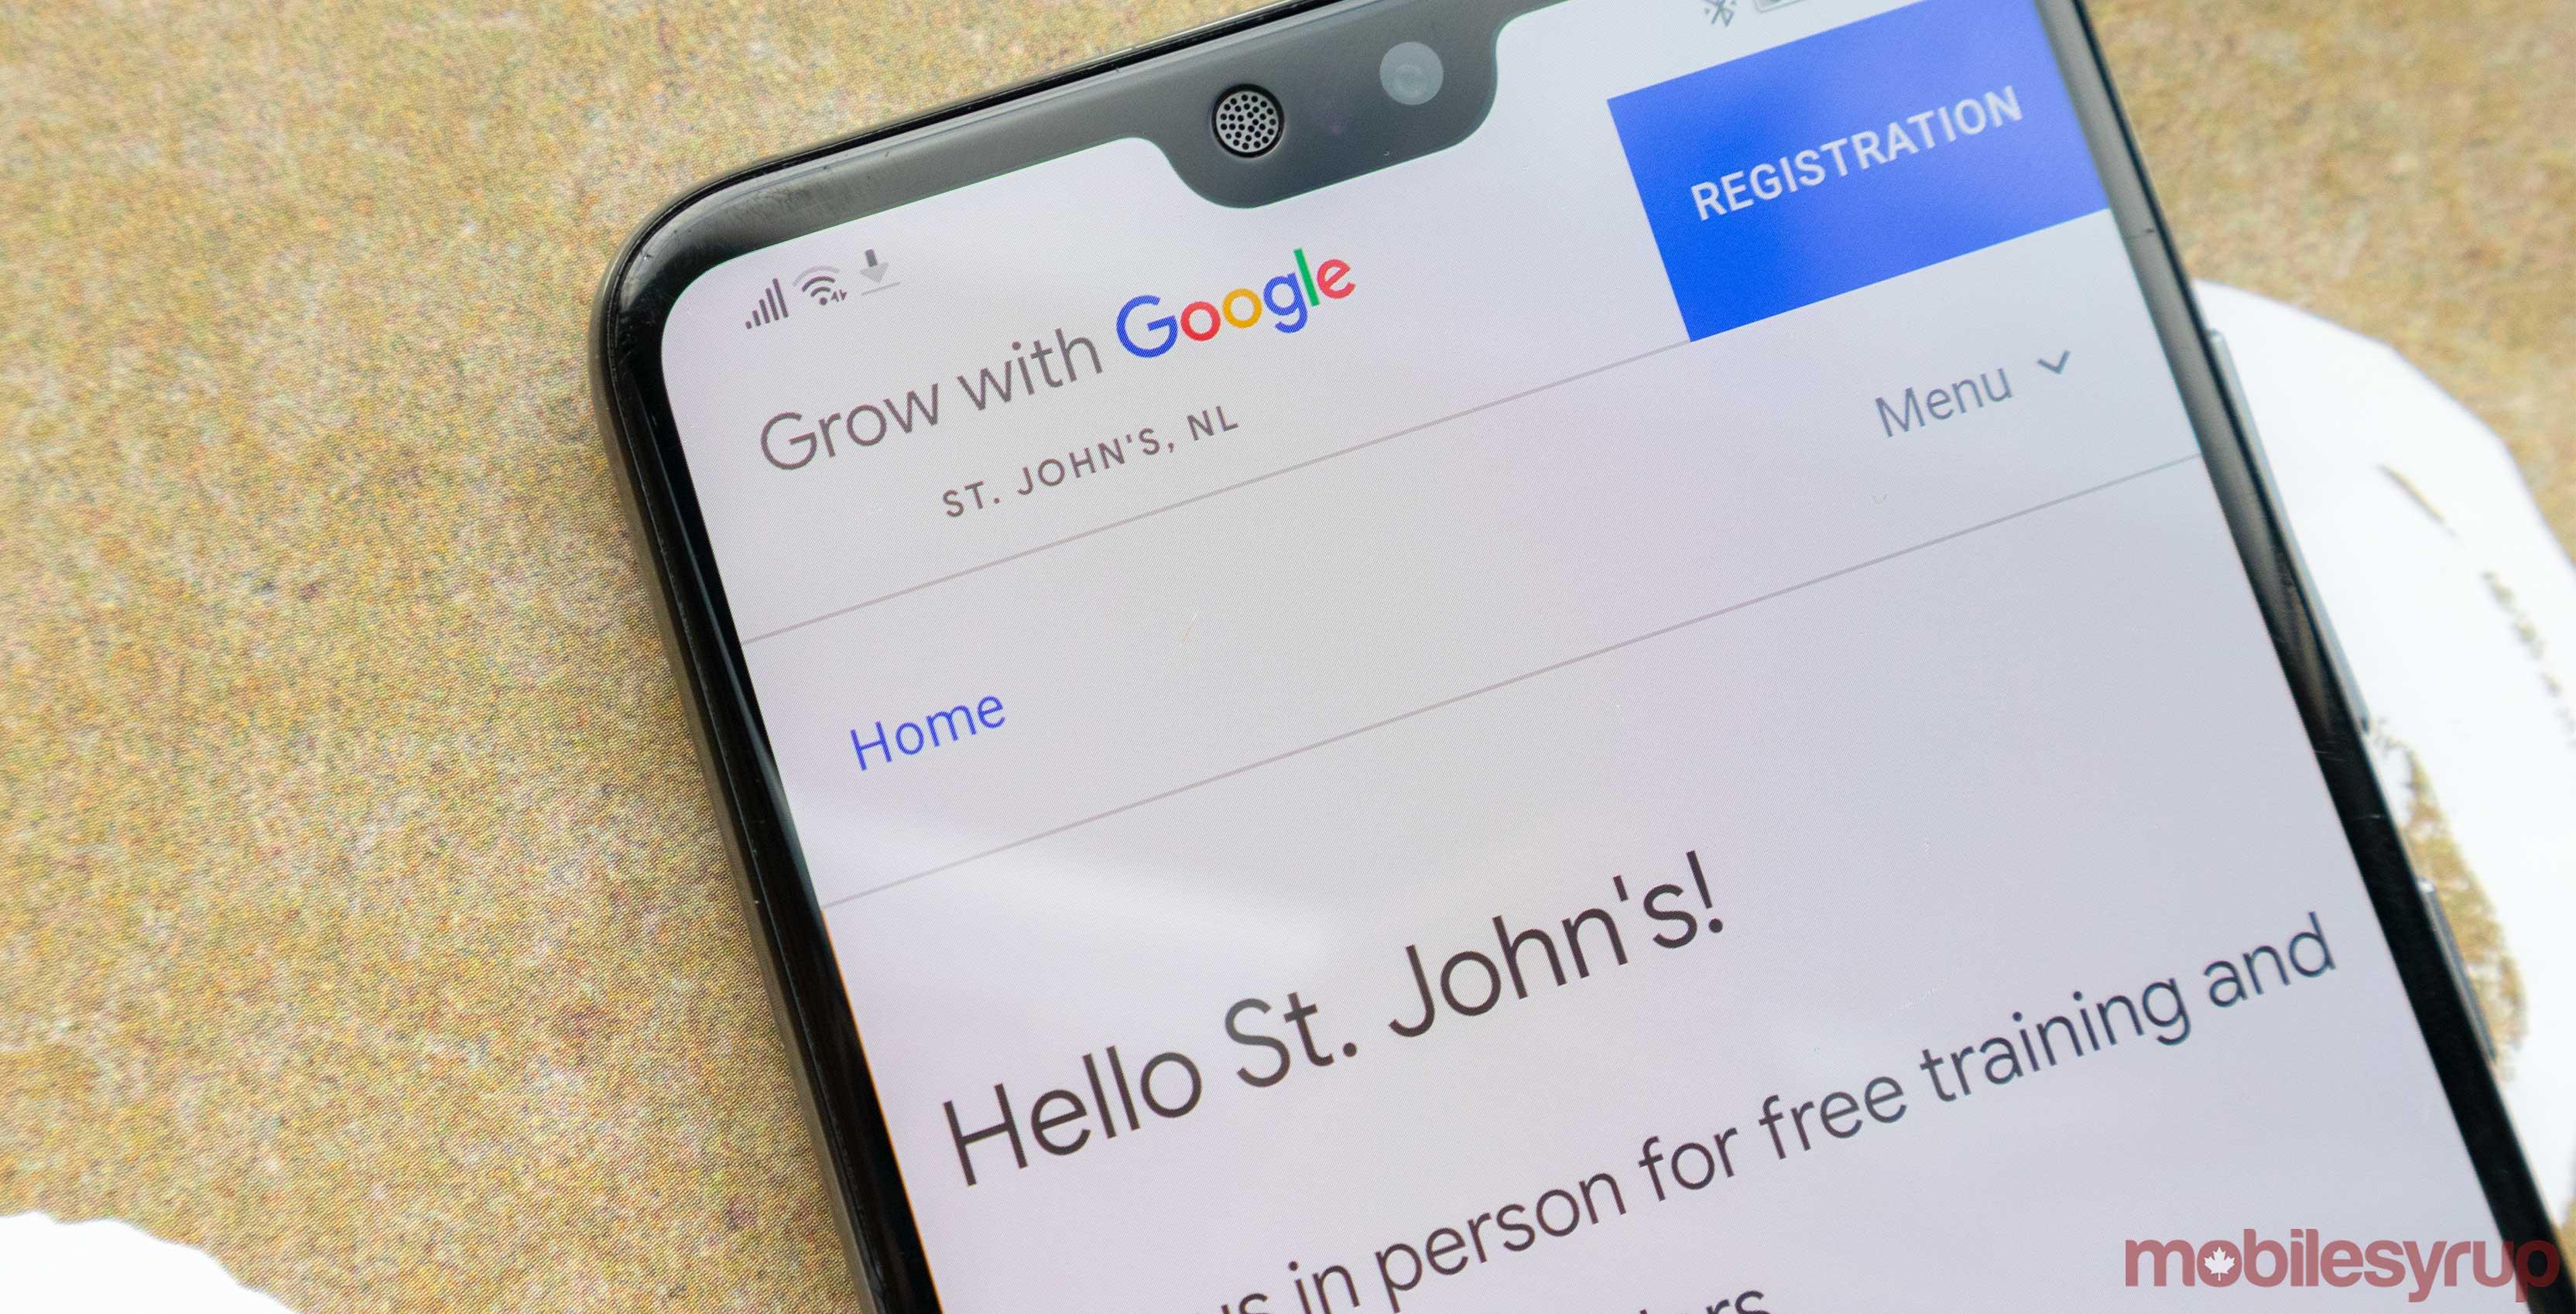 Google Grow